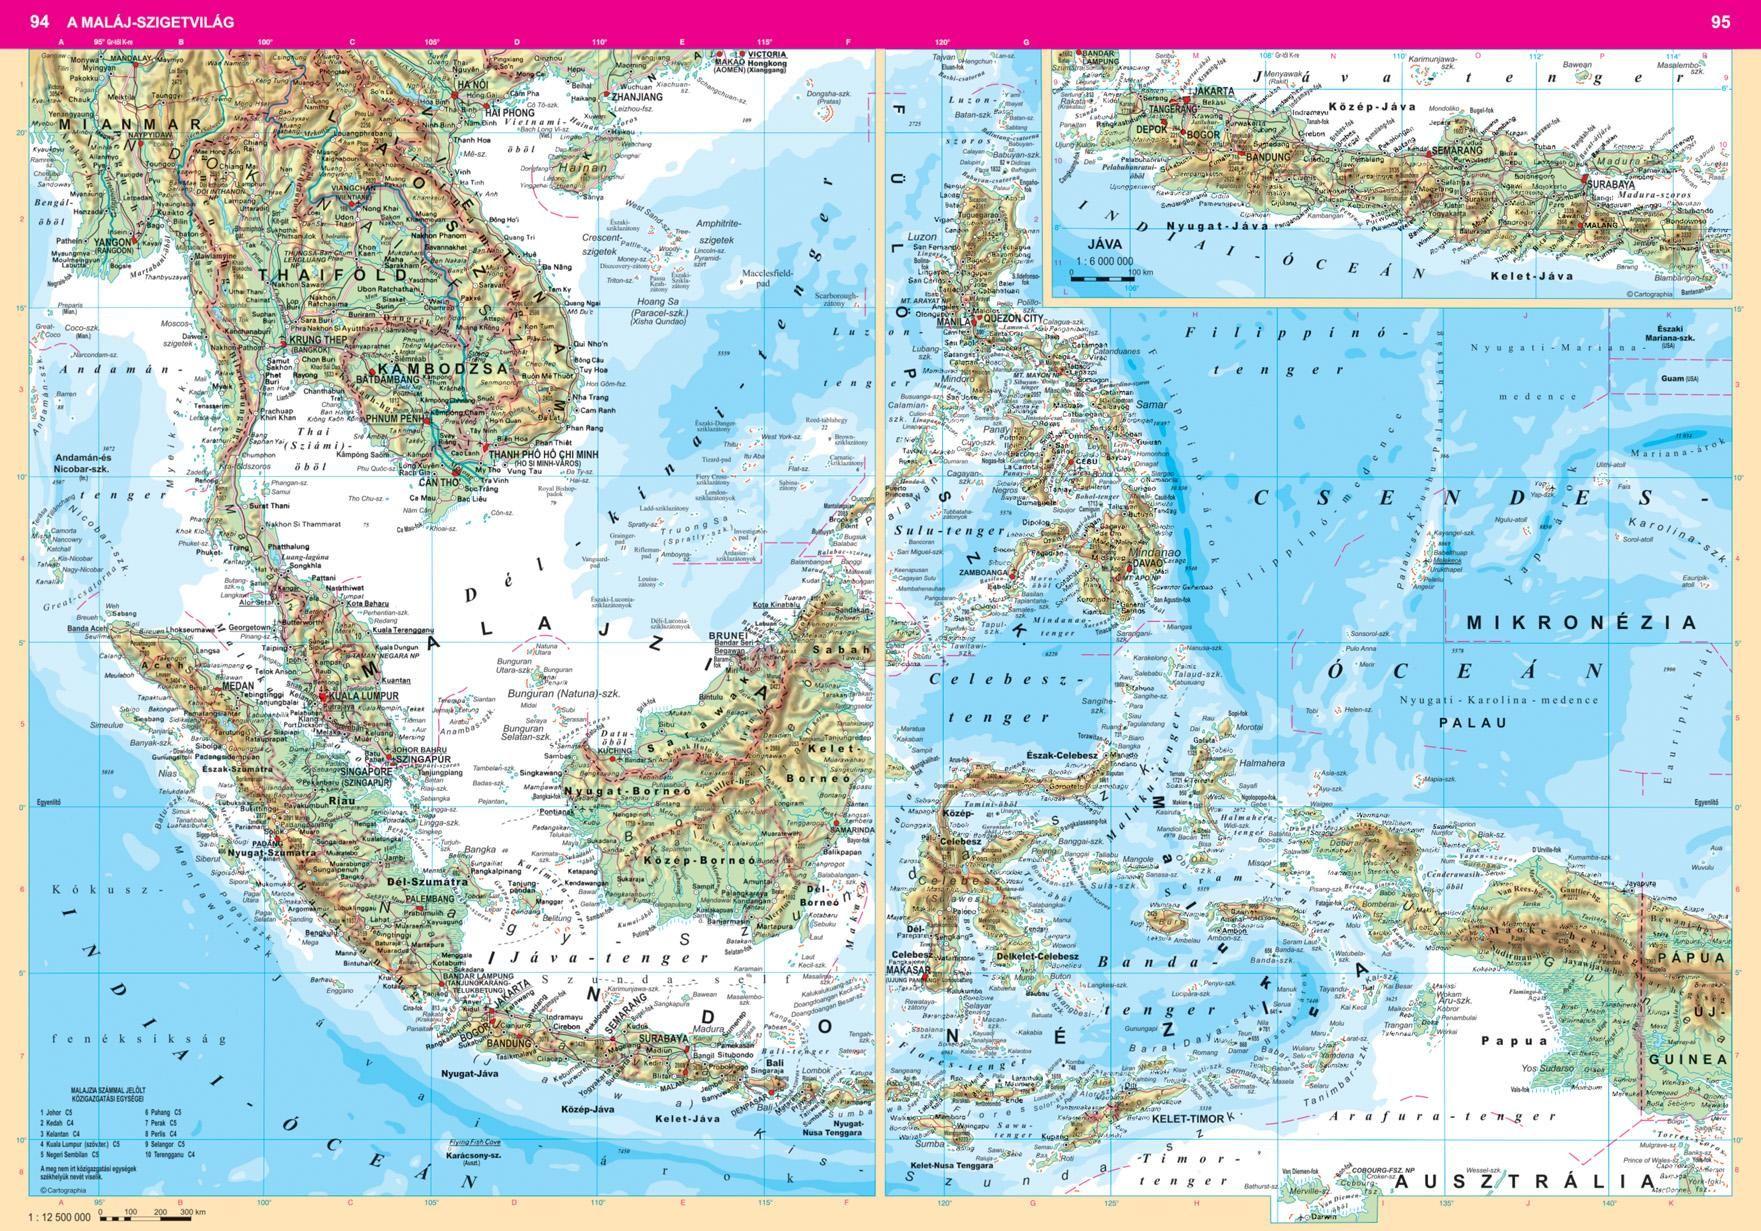 Földrajzi Világatlasz mintalap (94-95. o.)